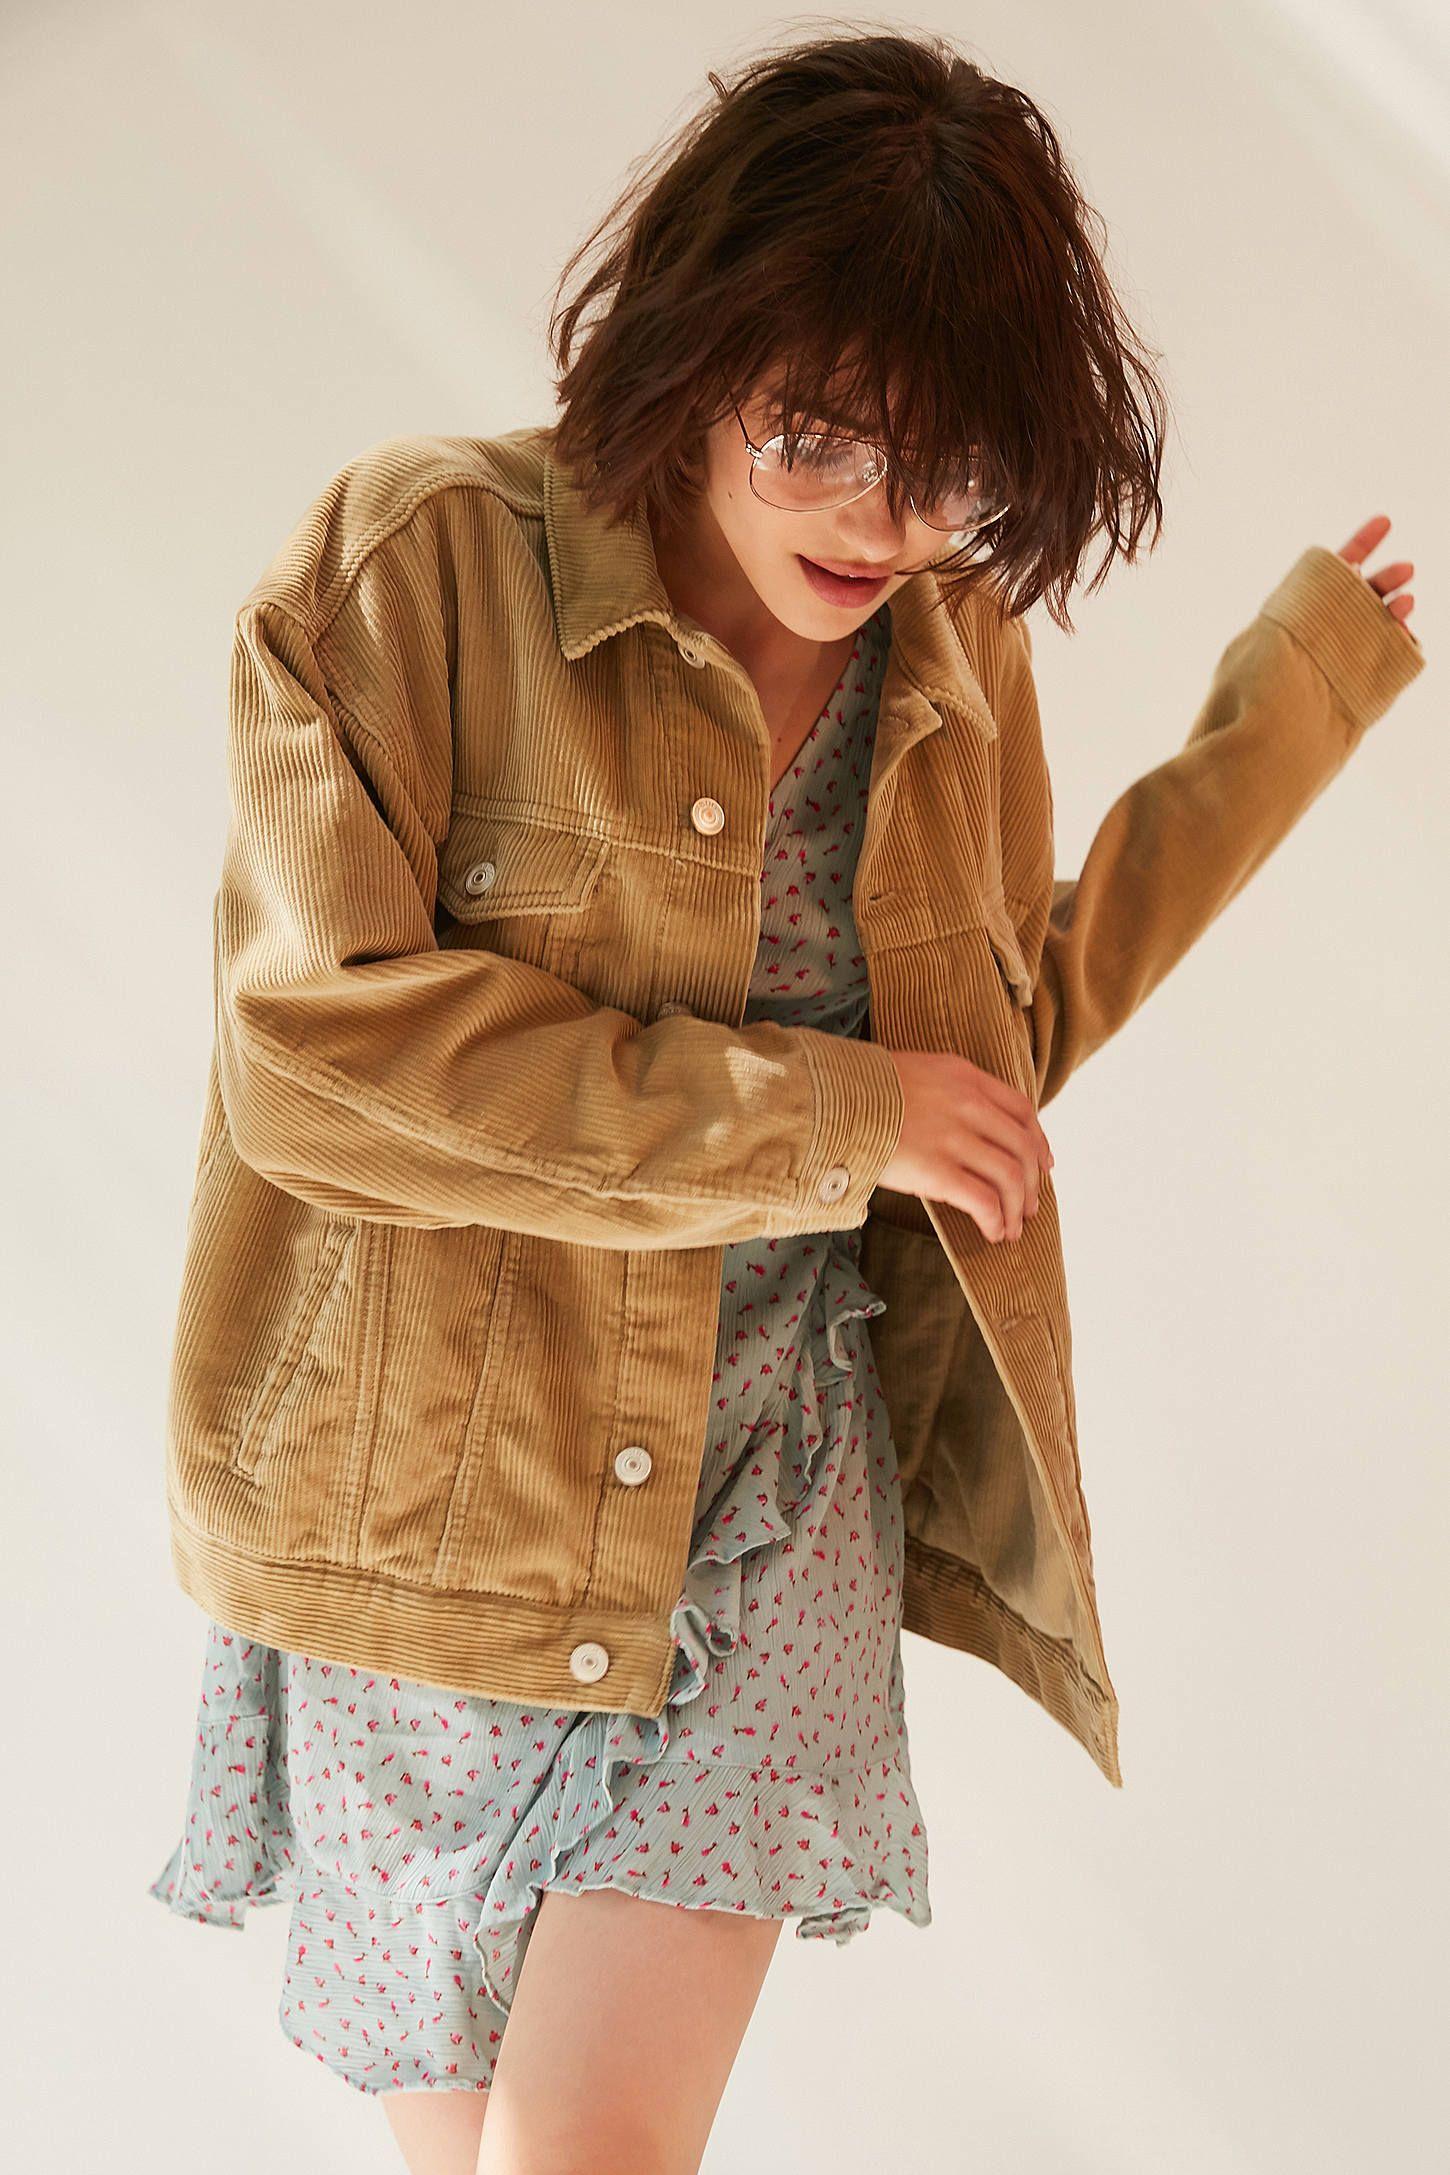 Vintage Corduroy Jacket Womens L Brown Corduroy Jacket 90s Womens Jacket Corduroy Jacket Dark Brown Corduroy Jacket L Womens Brown Jacket L